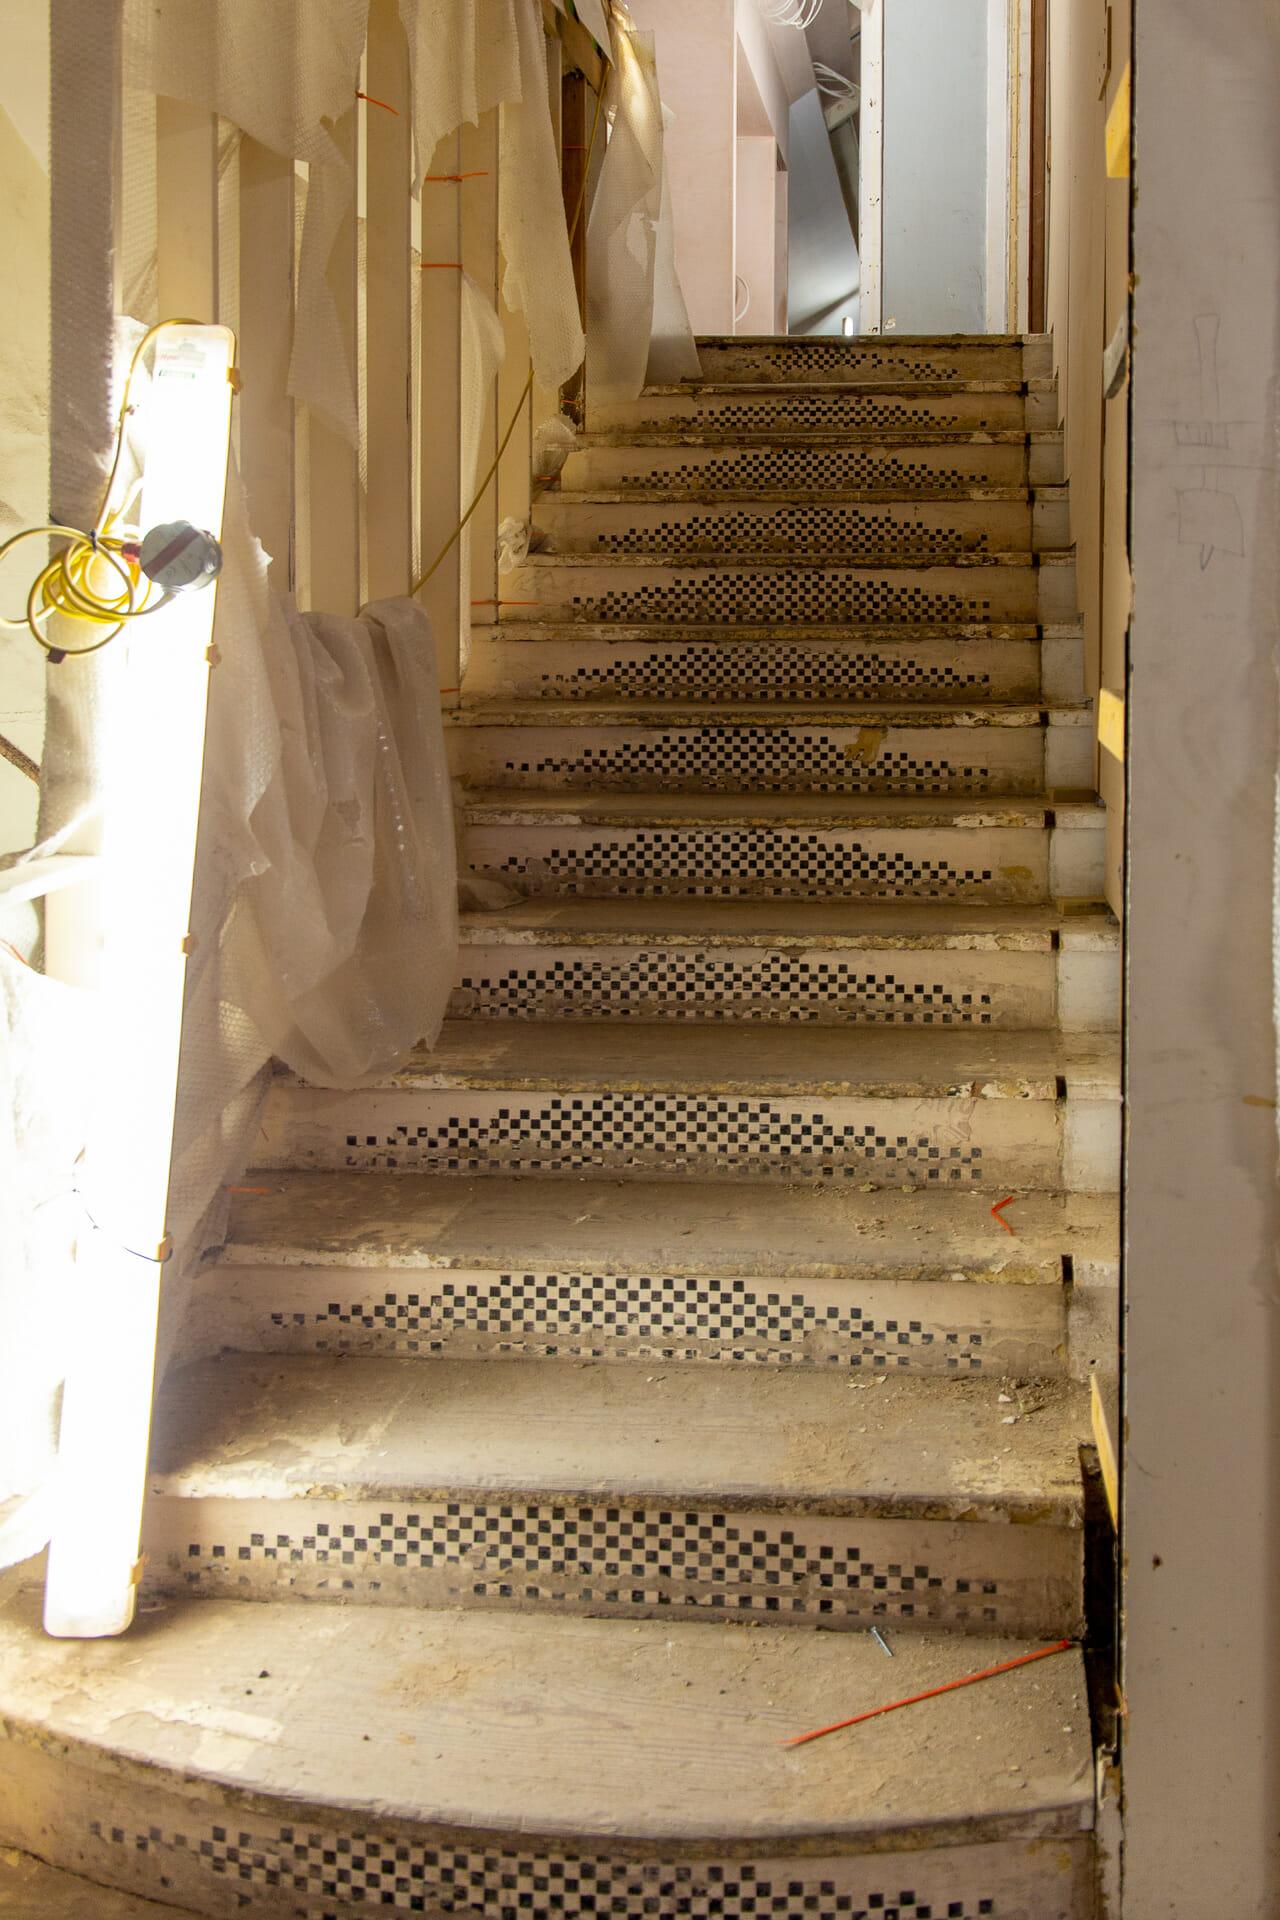 Die Treppen sind mit winzigen schwarzen Quadraten verziert